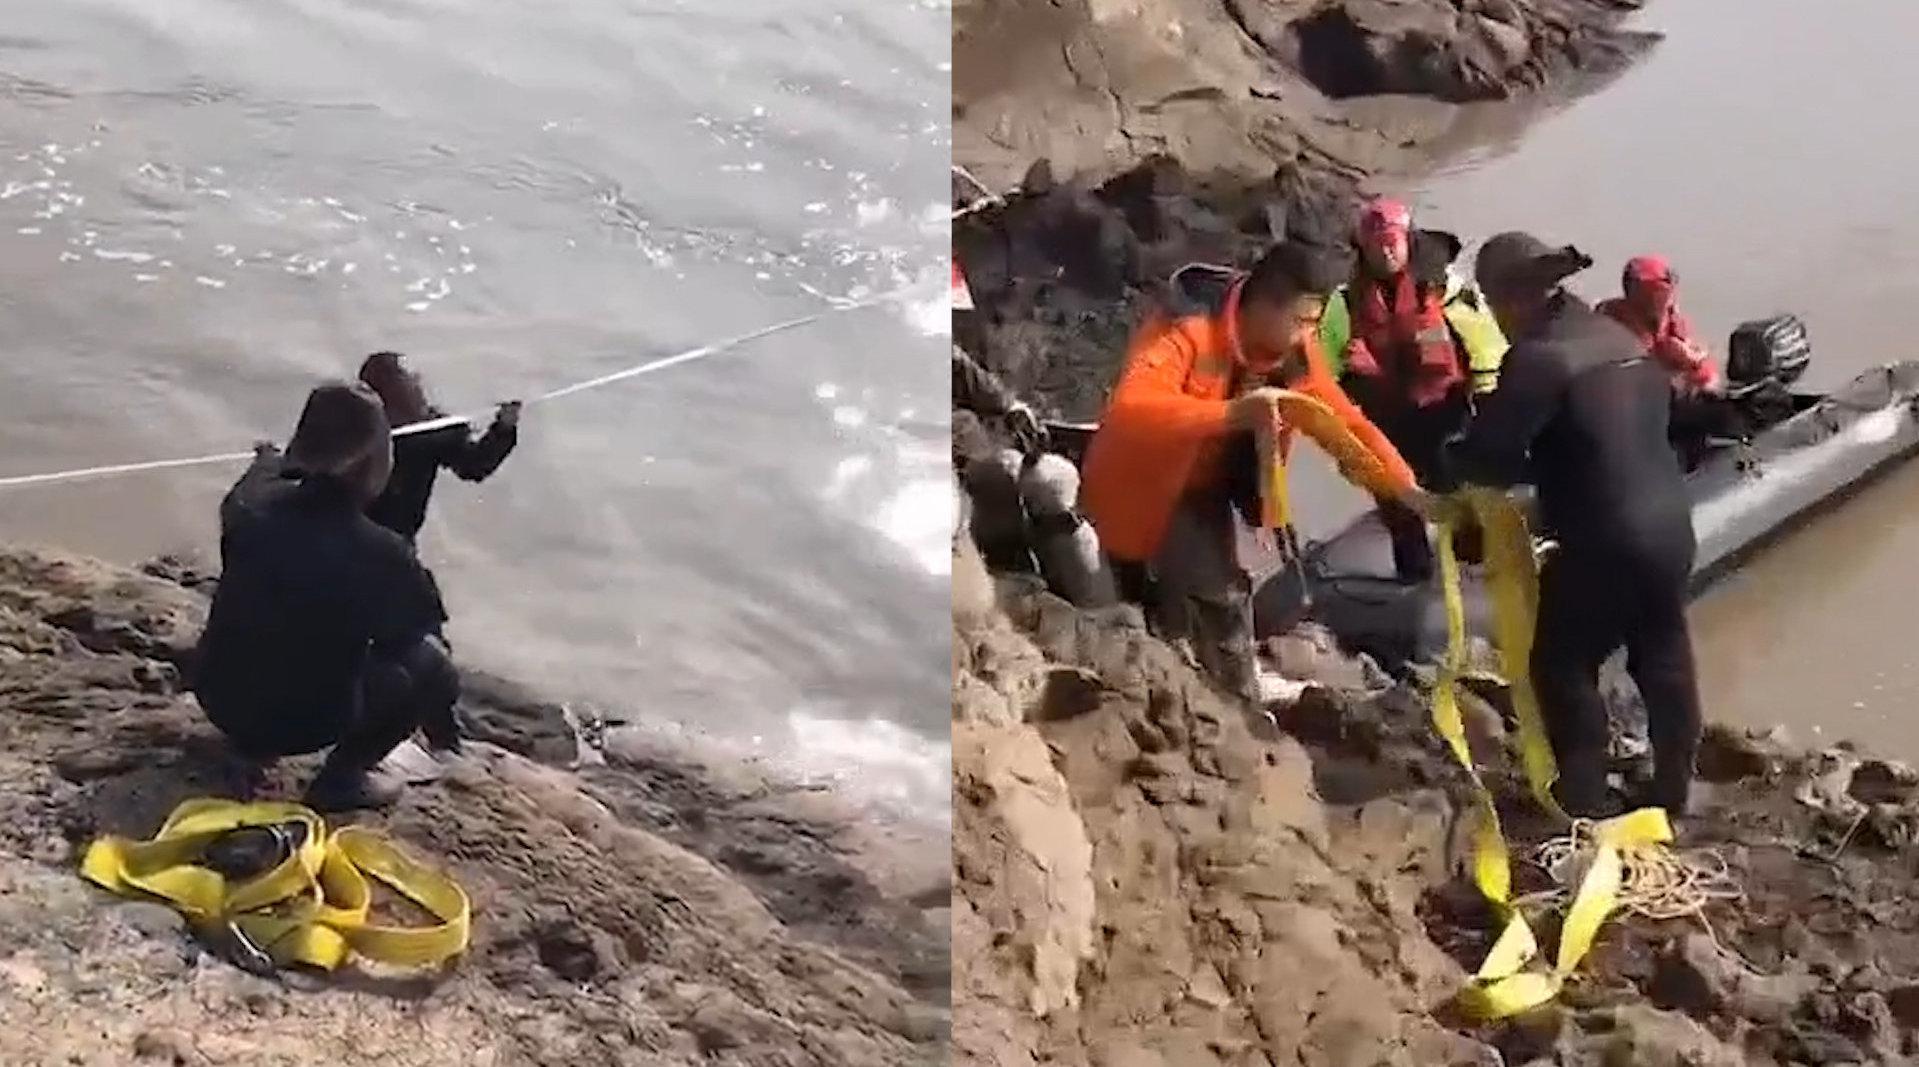 痛心!哈尔滨越野车坠入松花江3人遇难  打捞工作正在进行中